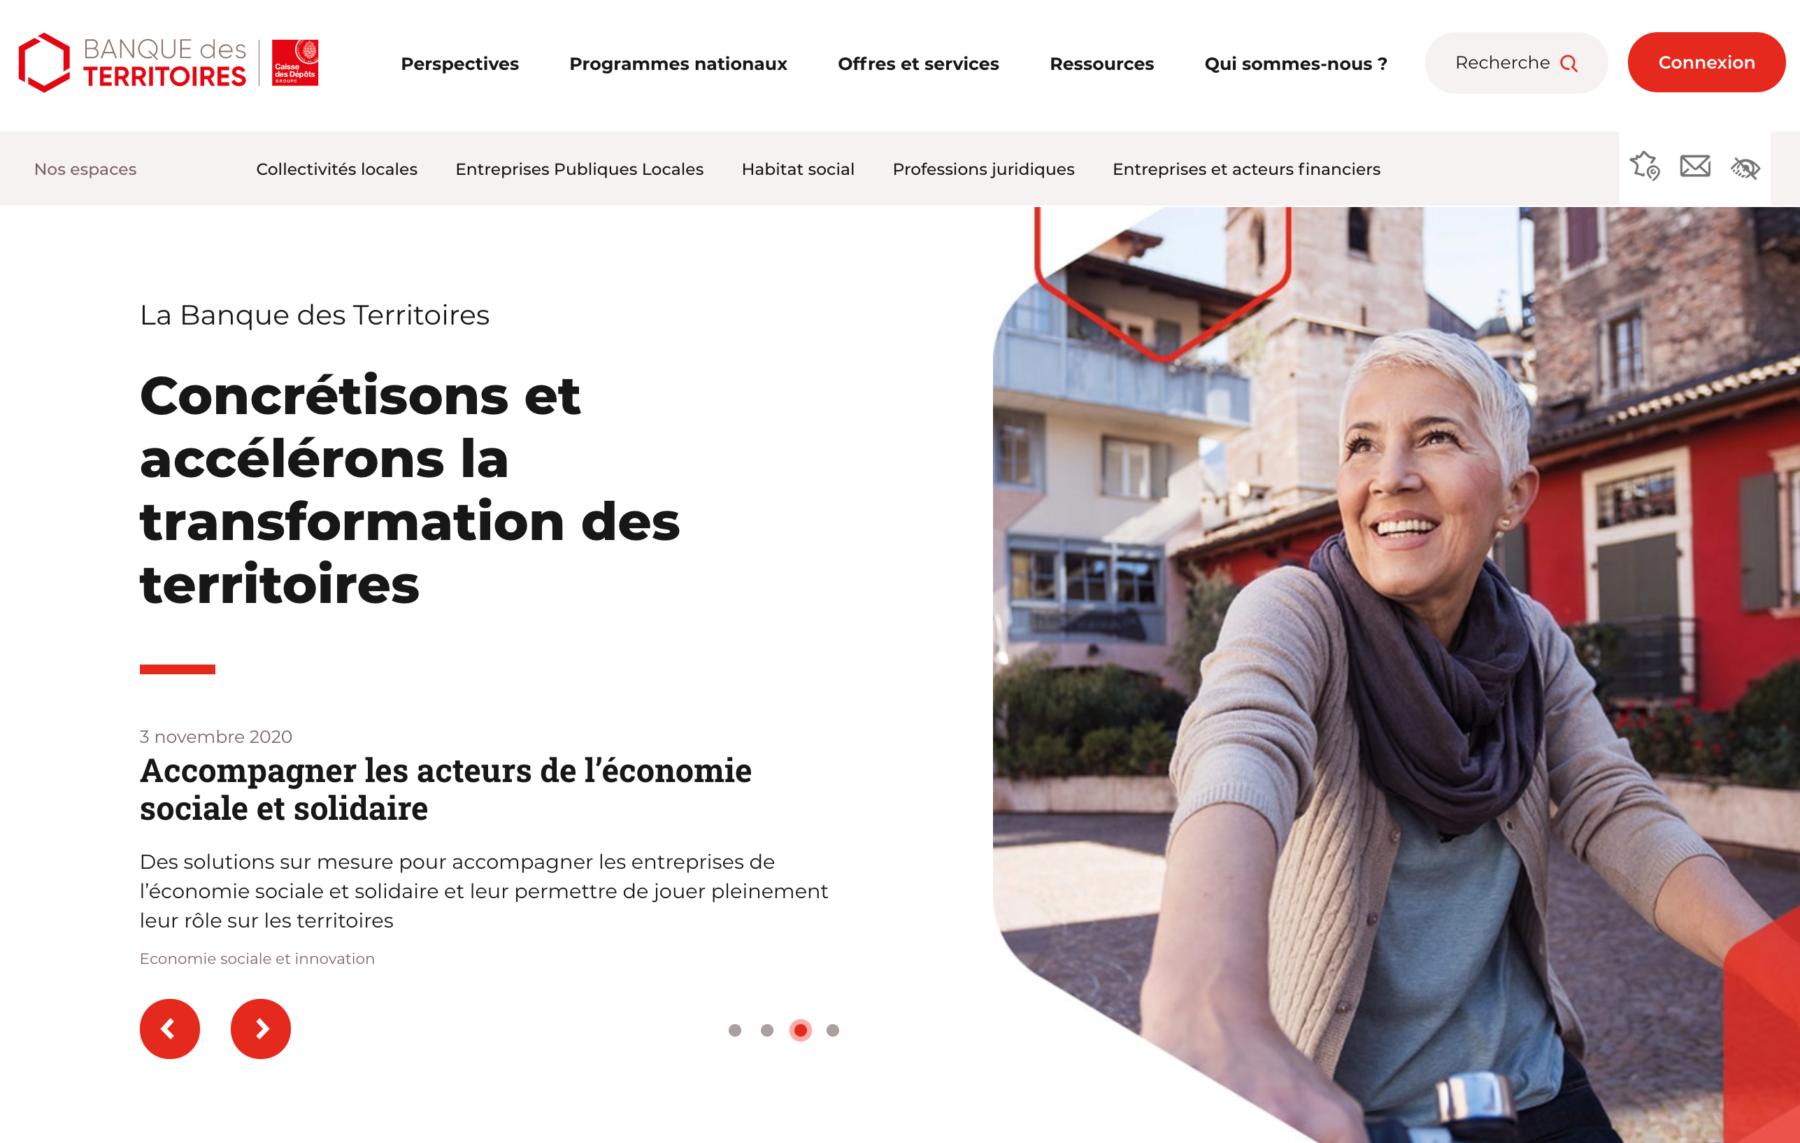 Projet de conseil SEO pour la Banque des Territoires by Digilia